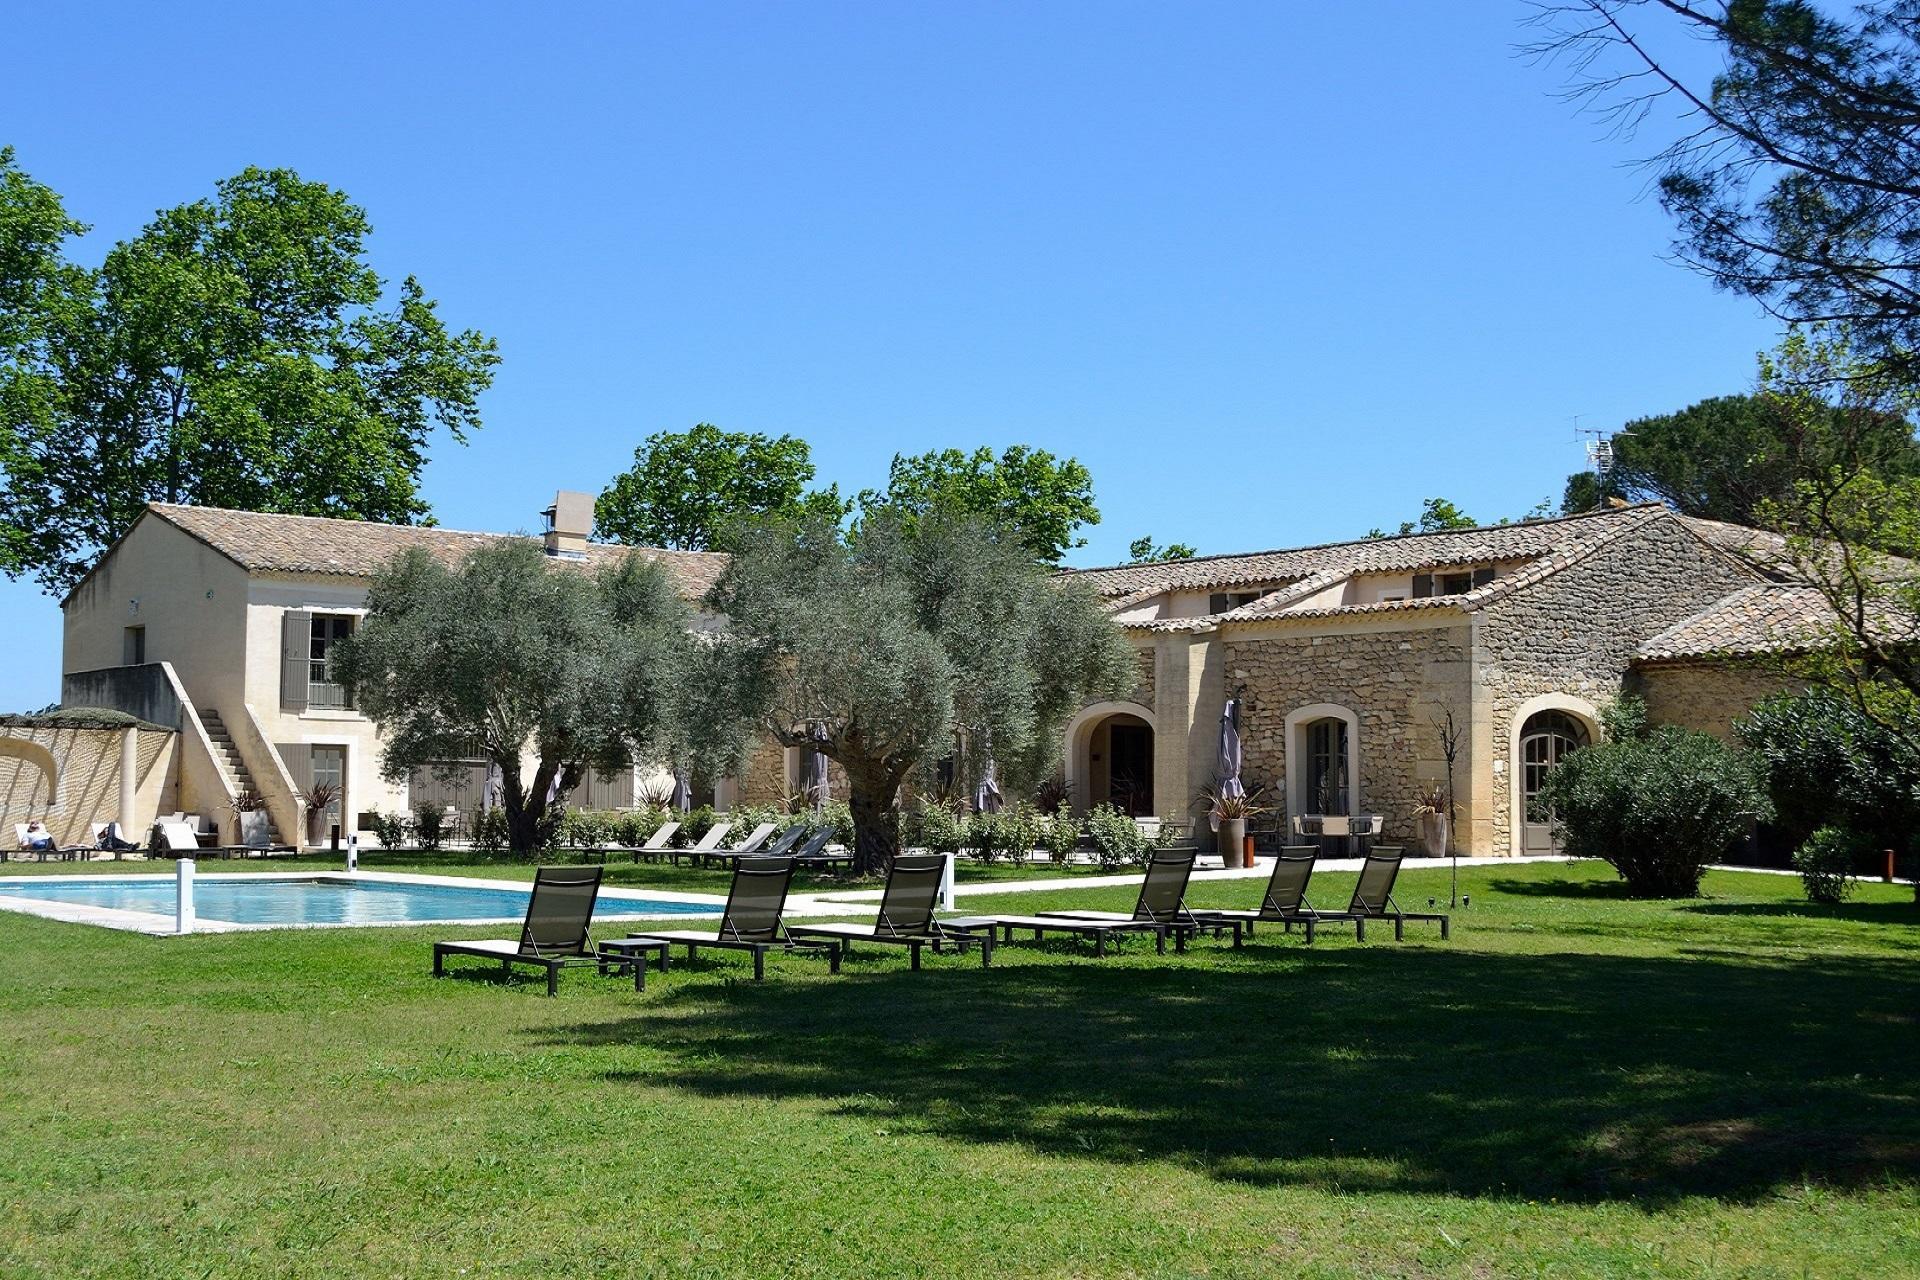 la-begude-saint-pierre-vers-pont-du-gard-avignon-provence-seminaires-de-caractere